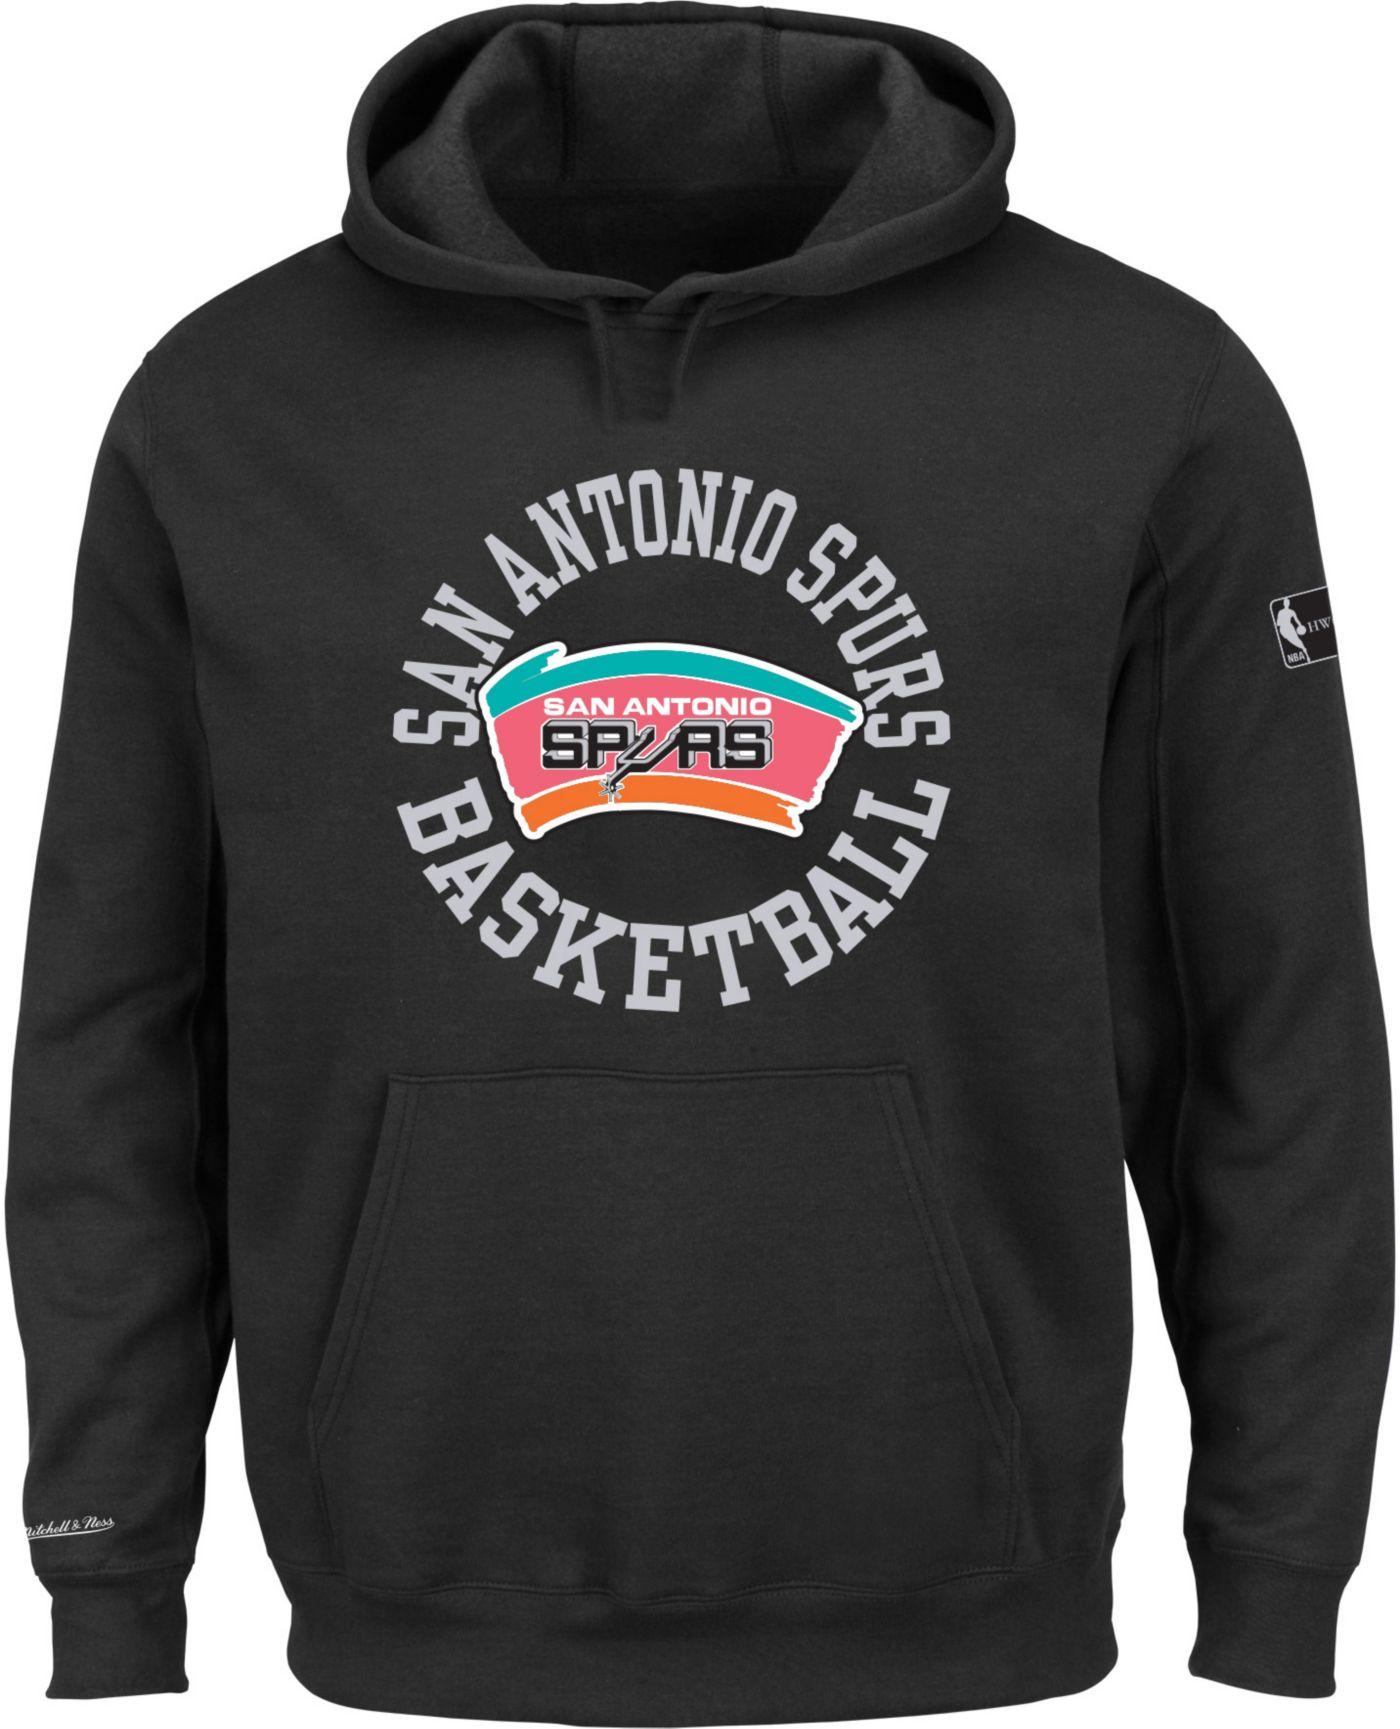 Mitchell & Ness Men's San Antonio Spurs Fleece Pullover Hoodie